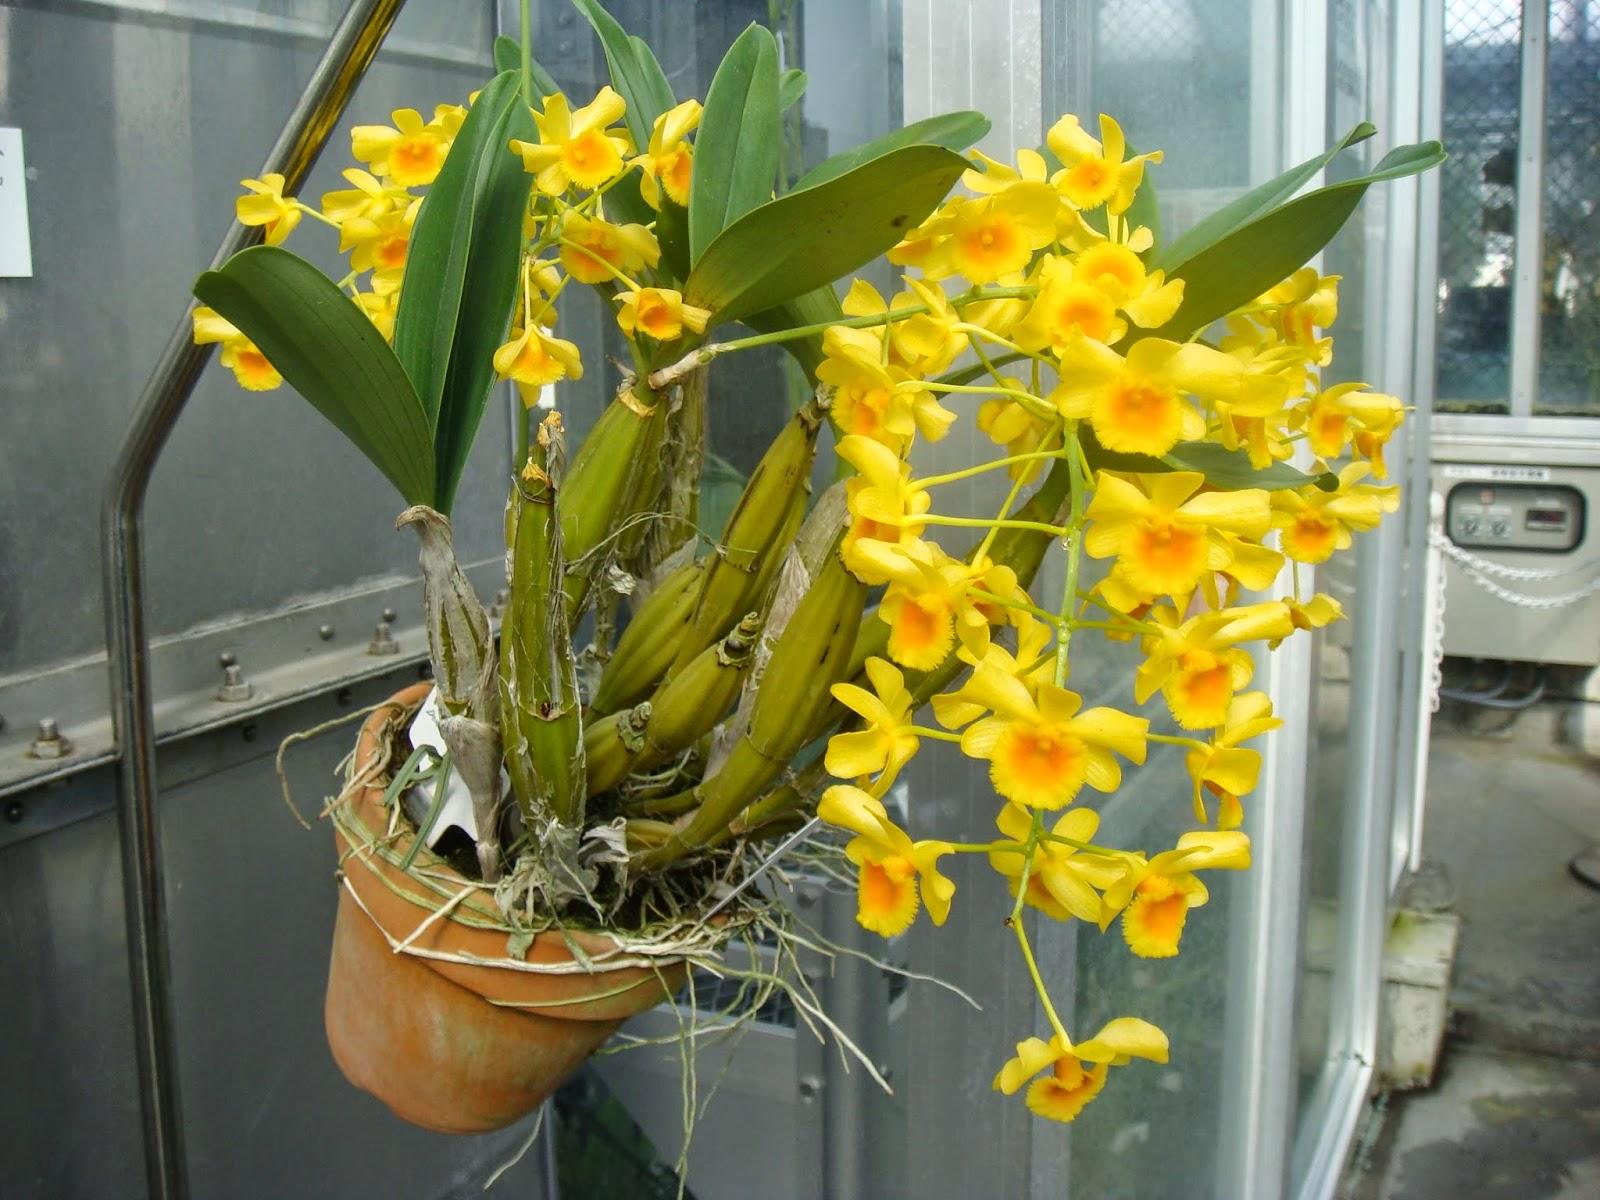 Hoàng lạp Lào có hoa chùm vàng rực rỡ khá giống hoàng thảo Vảy Rồng